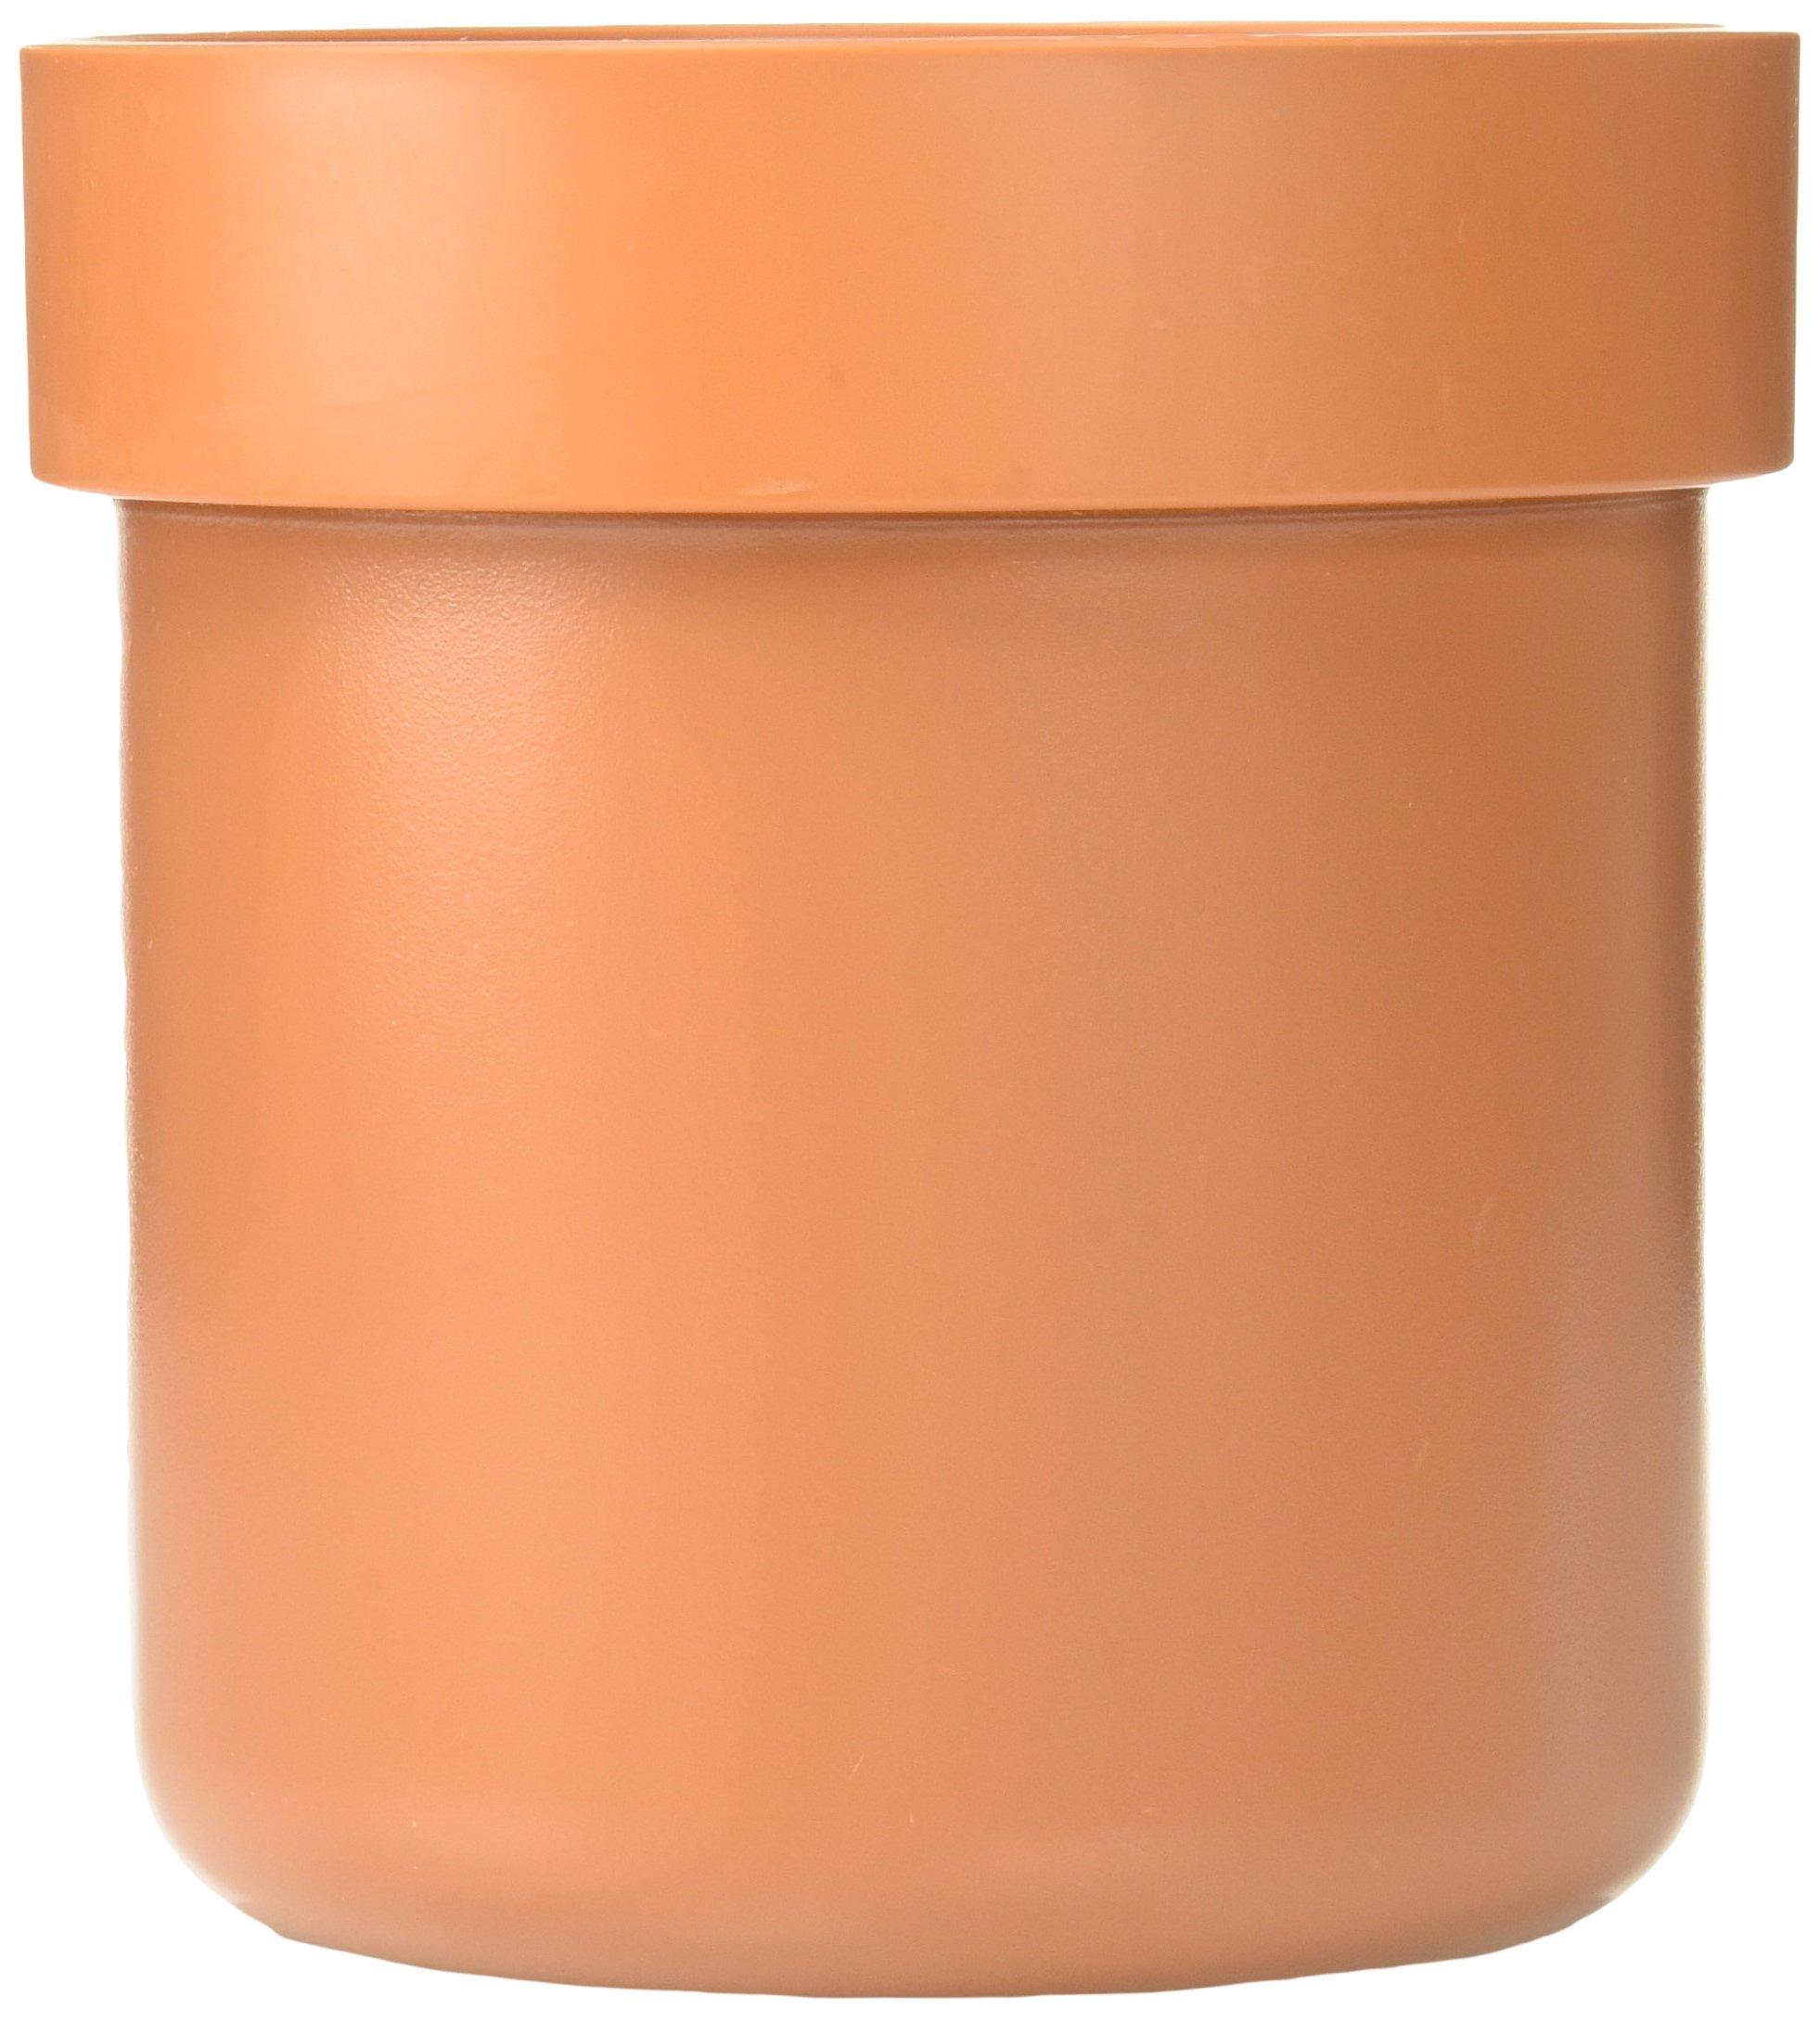 SafeInside 4201 Flower Pot Diversion Safe, Terracotta, 5 x 5 x 5.2 inch by SafeInside